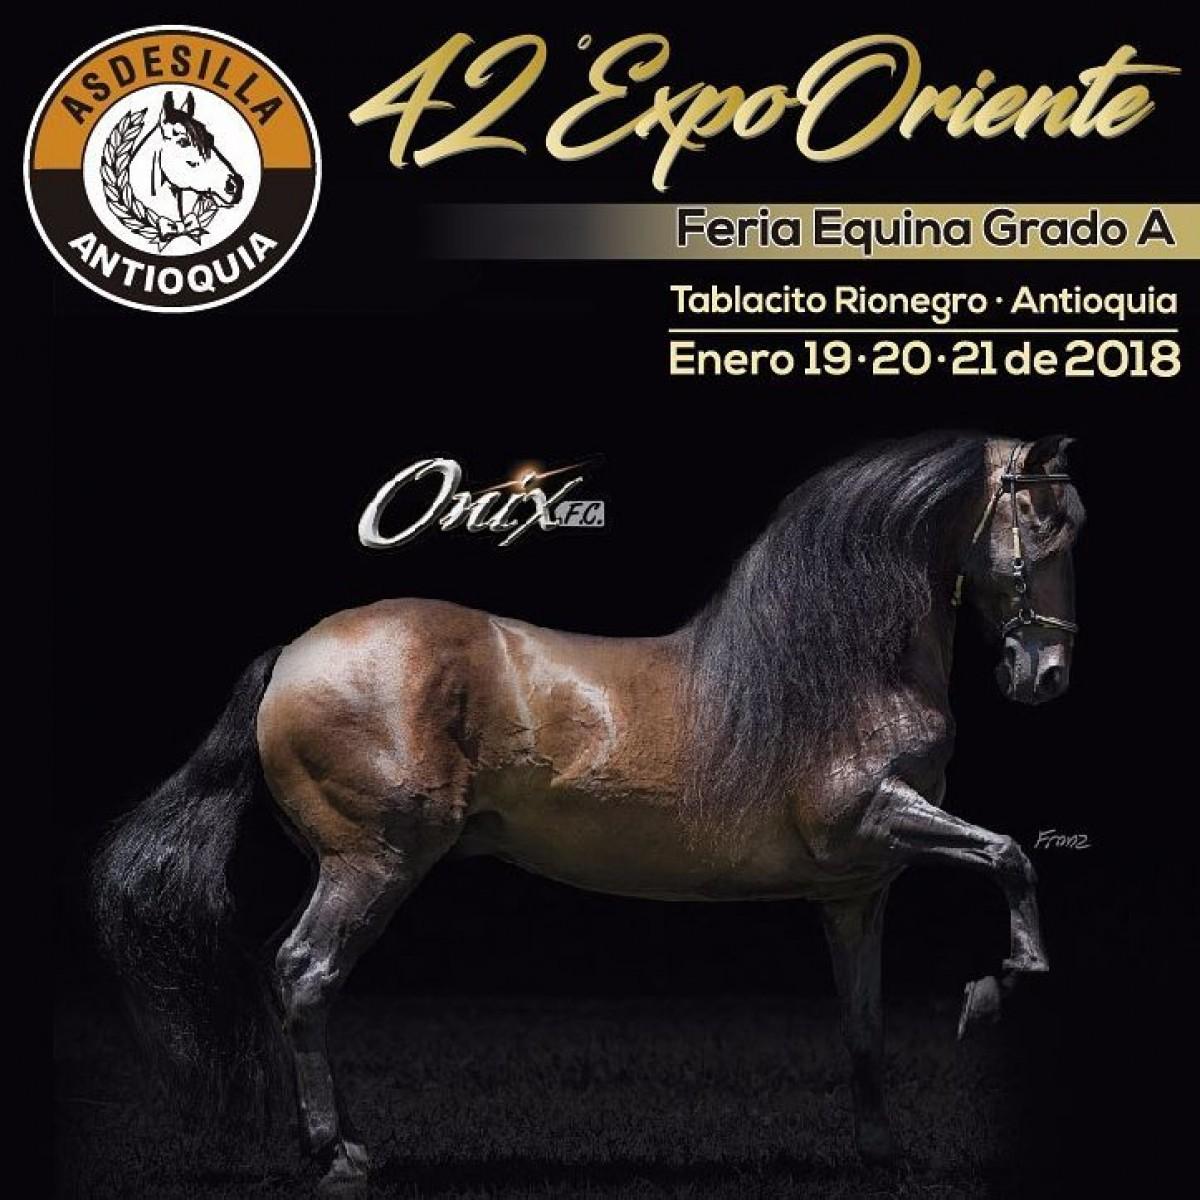 TRANSMISIÓN 42a ExpoOriente Feria Equina Grado A - Asdesilla, 19 al 21 Enero